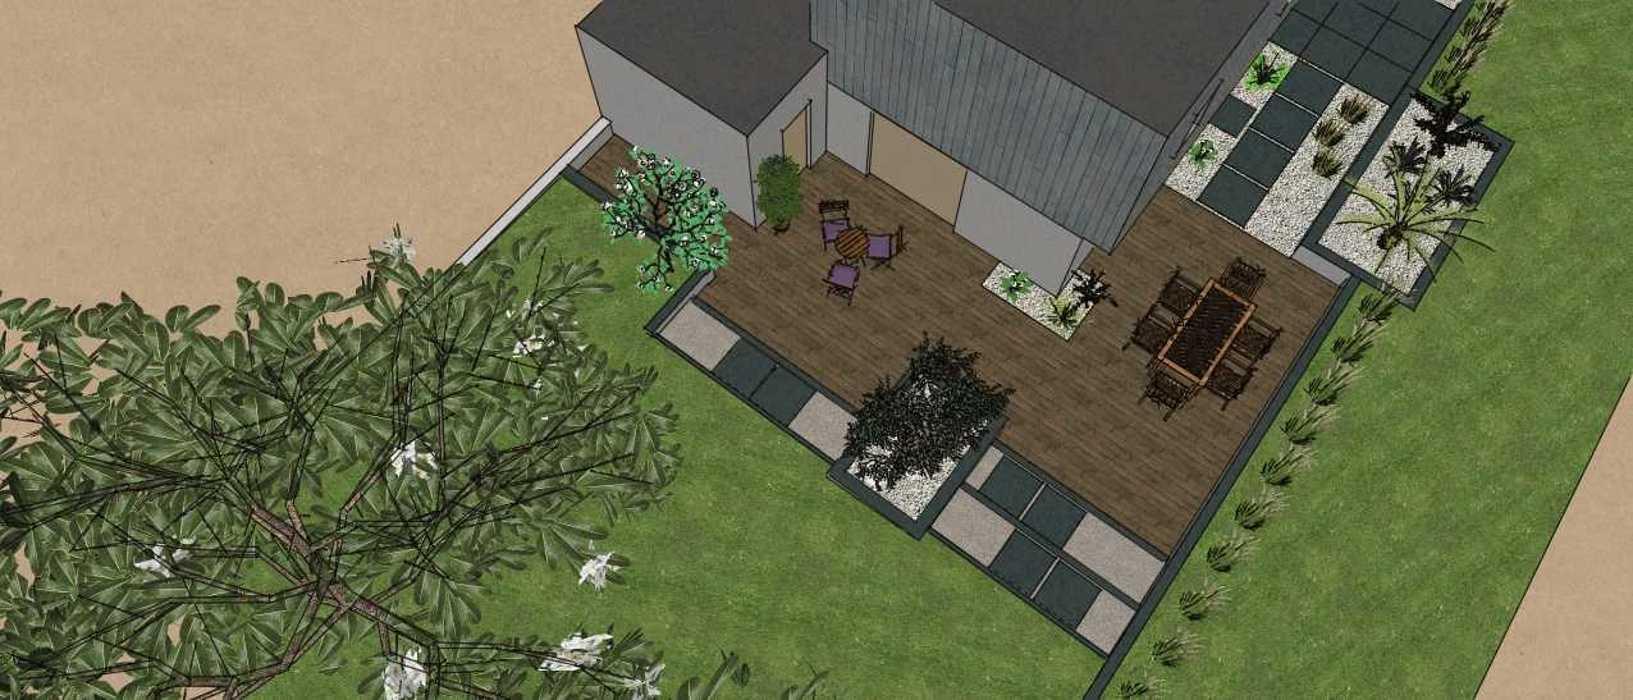 Terrasses communicantes sur différents niveaux renault3d6